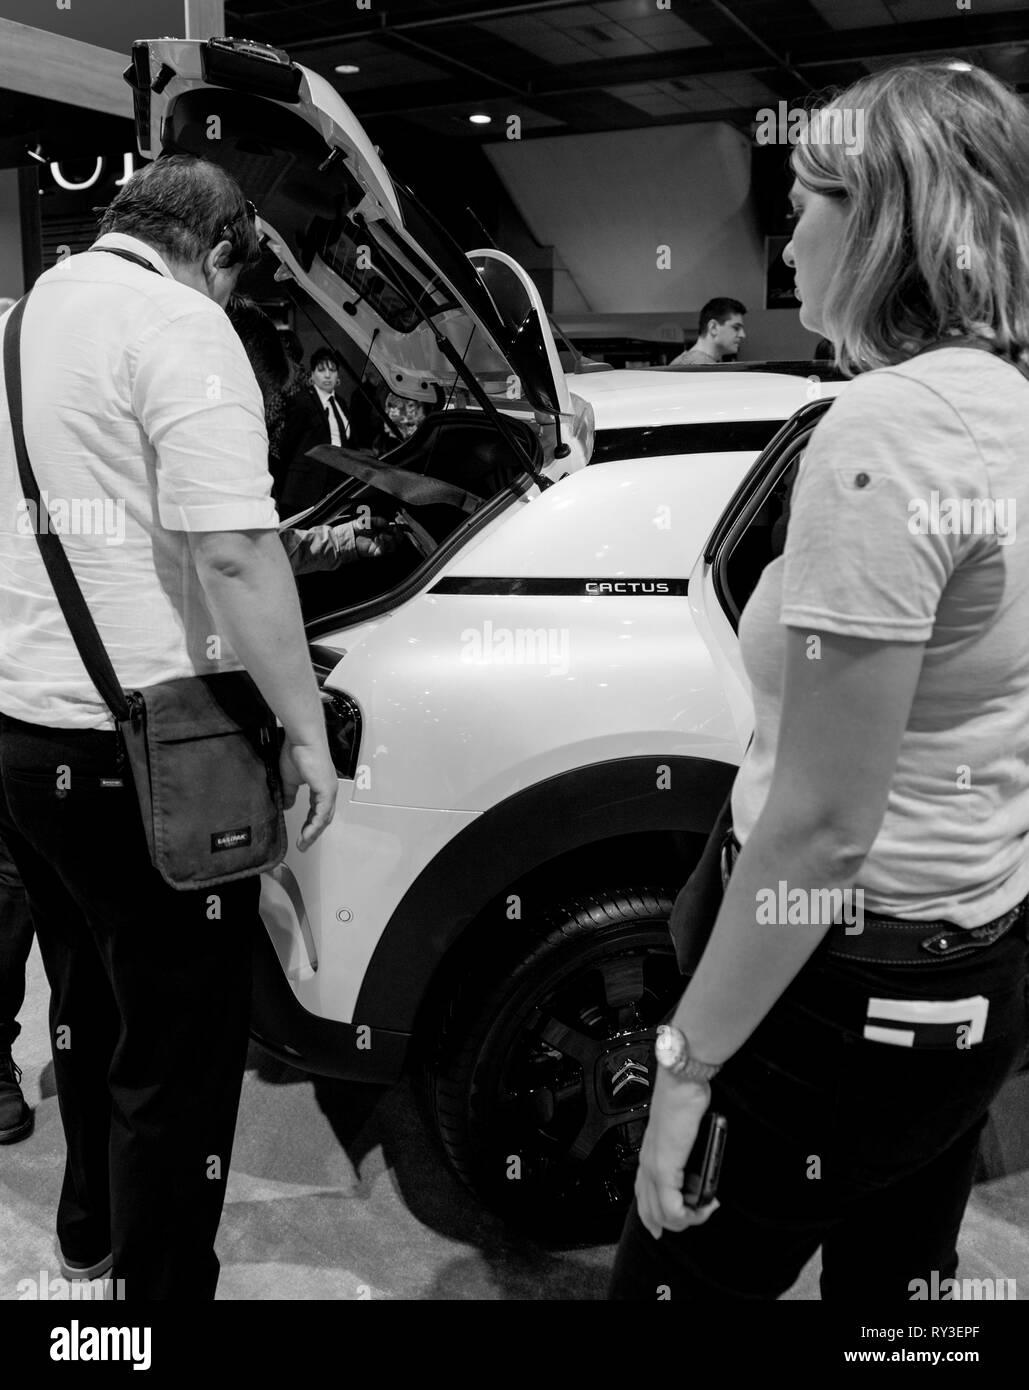 Parigi, Francia - Ott 4, 2018: uomo ammirando il nuovo white Citroen C4 CactusSUV a International car exhibition Mondial Motor Show di Parigi, modello prodotto dalla vettura francese maker in bianco e nero Immagini Stock